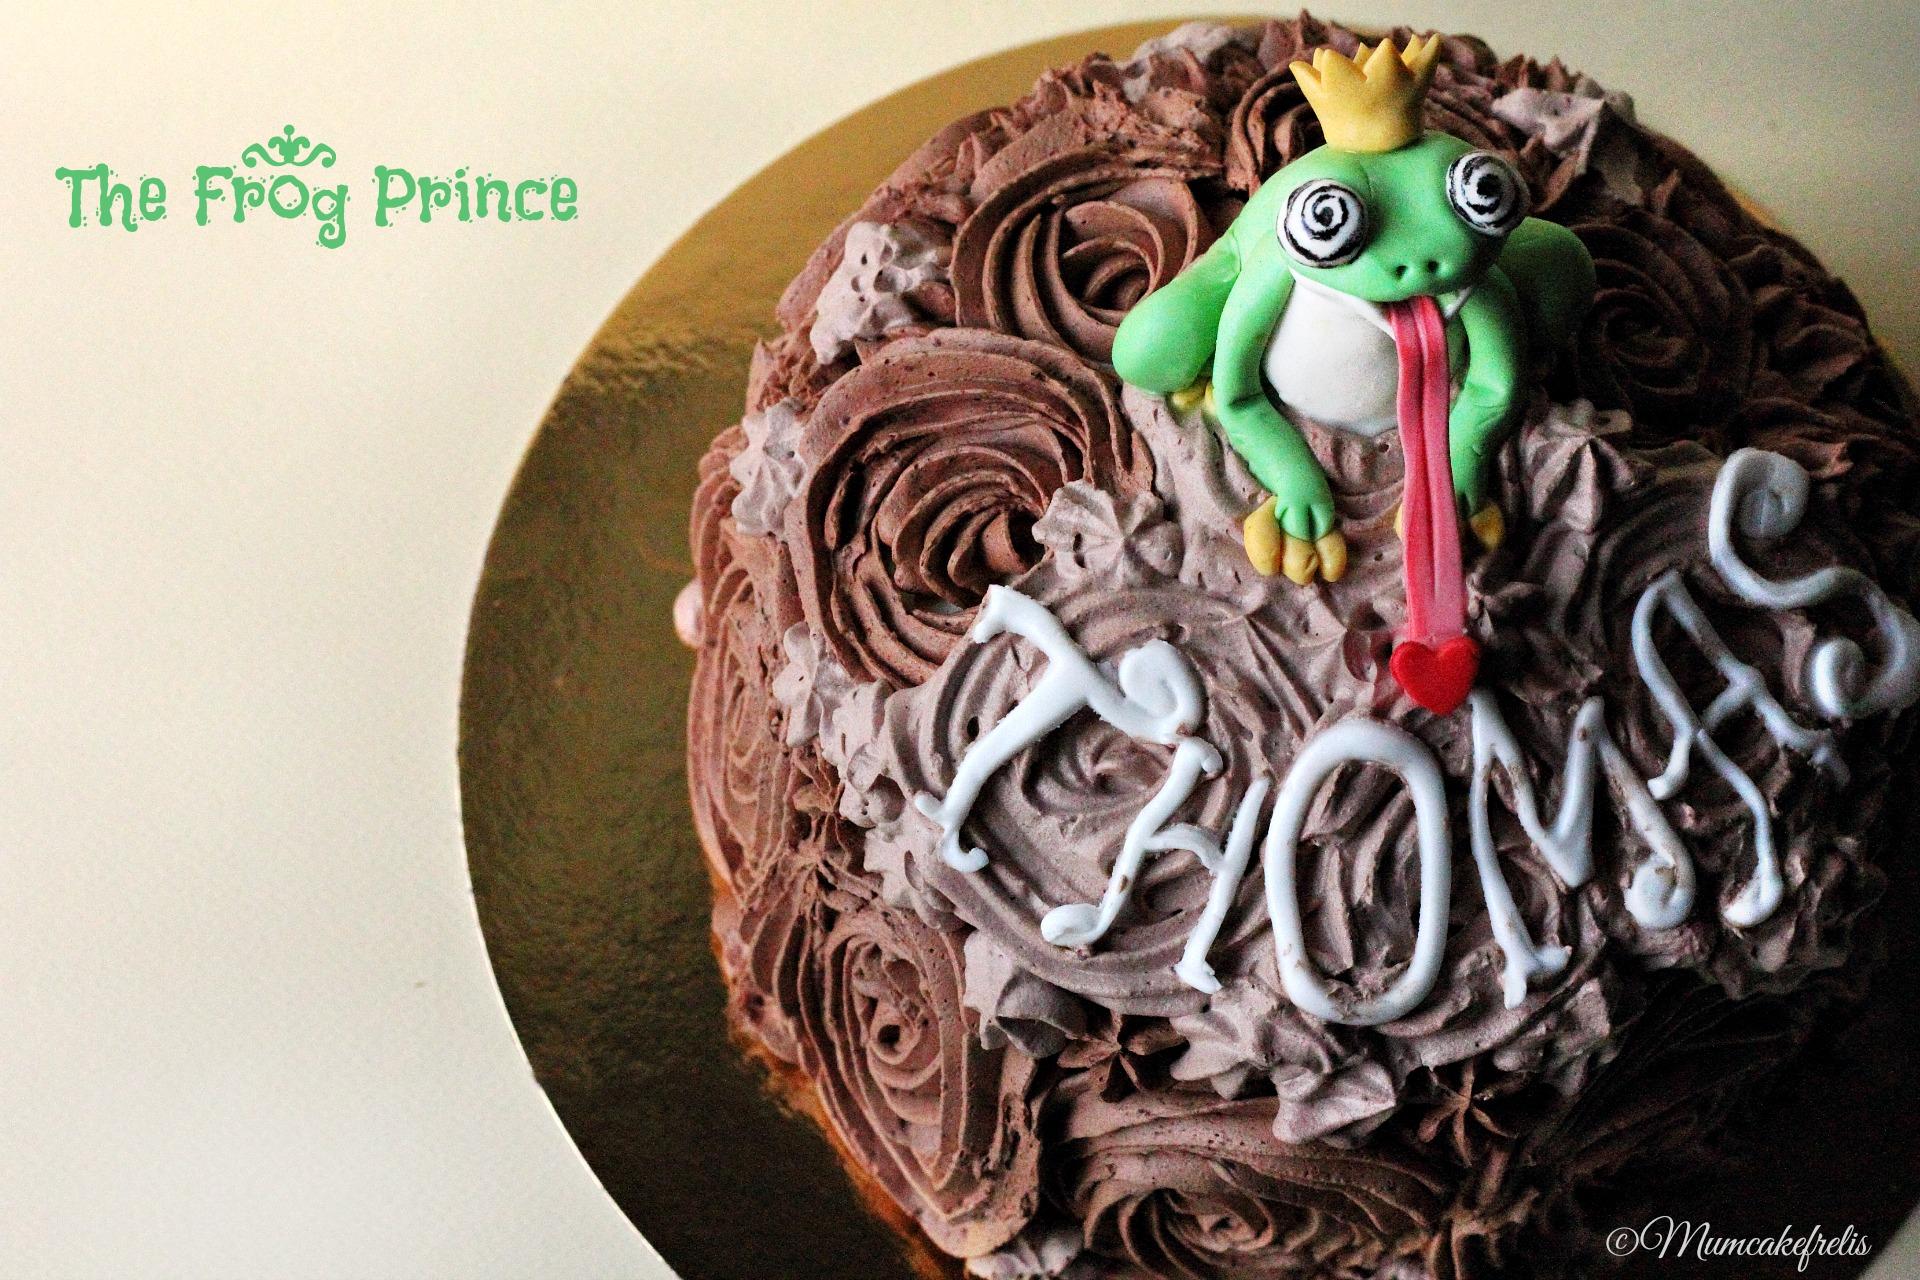 Il principe ranocchio - The Frog Prince Cake - mum cake frelis 52785e11bca0